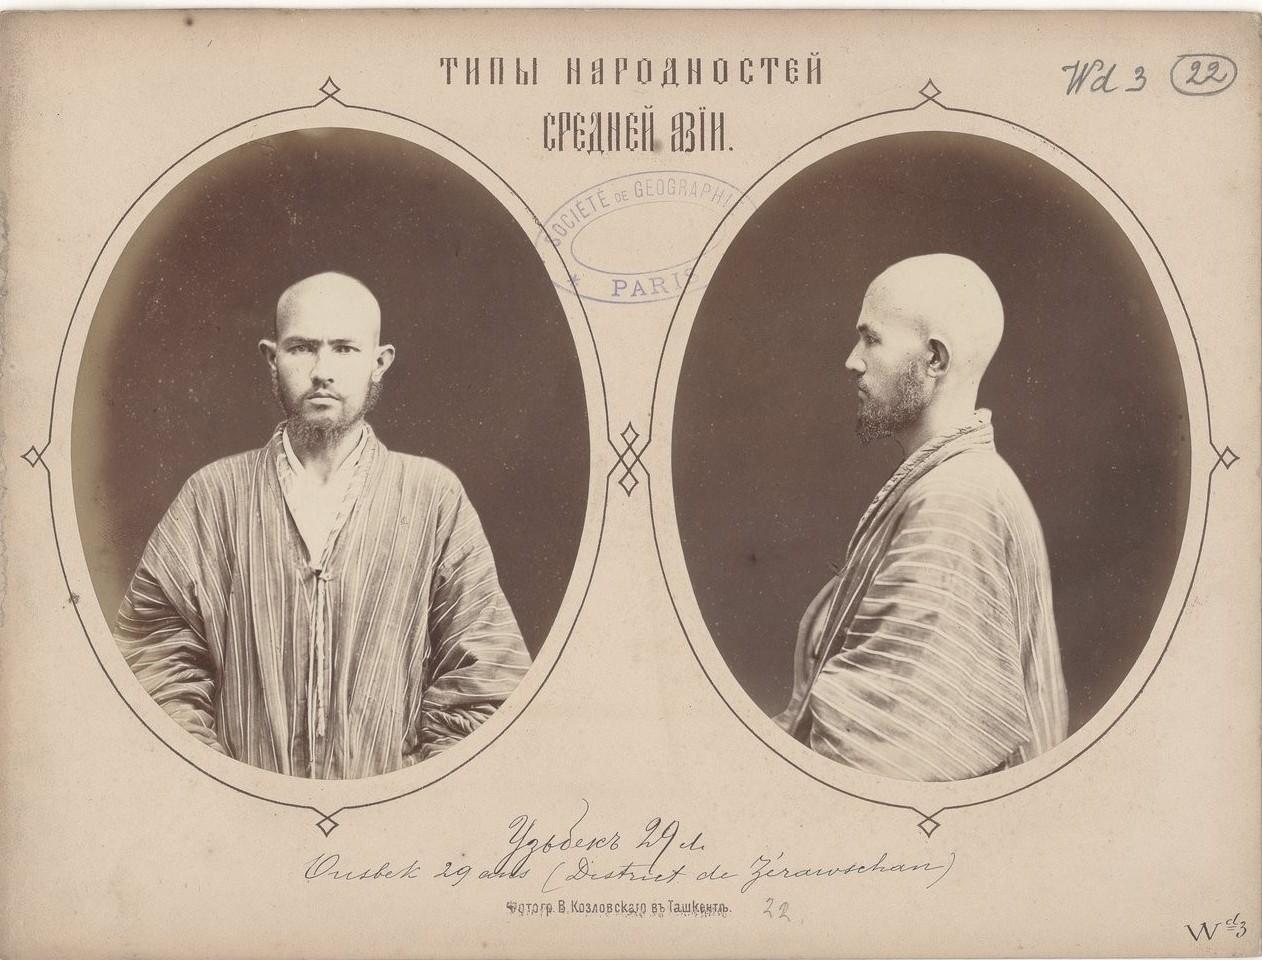 Узбек, 29 лет. Зеравшанский округ